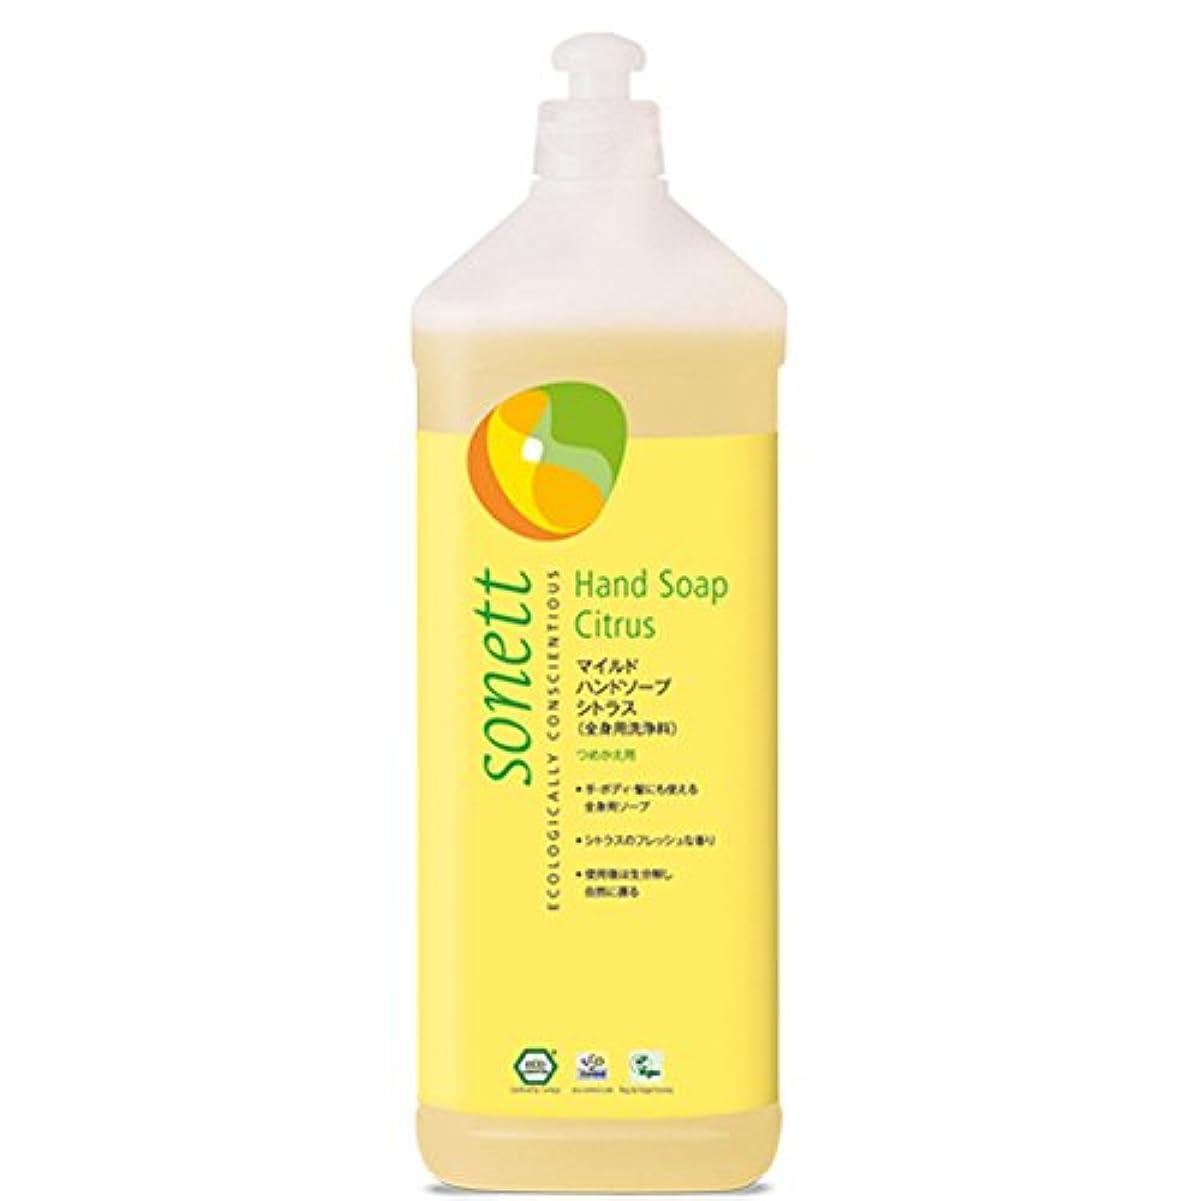 付き添い人渇きデータベースSONETT ( ソネット 洗剤 ) マイルドハンドソープ シトラス 1L  ( ボディー&ハンドソープ 全身 )